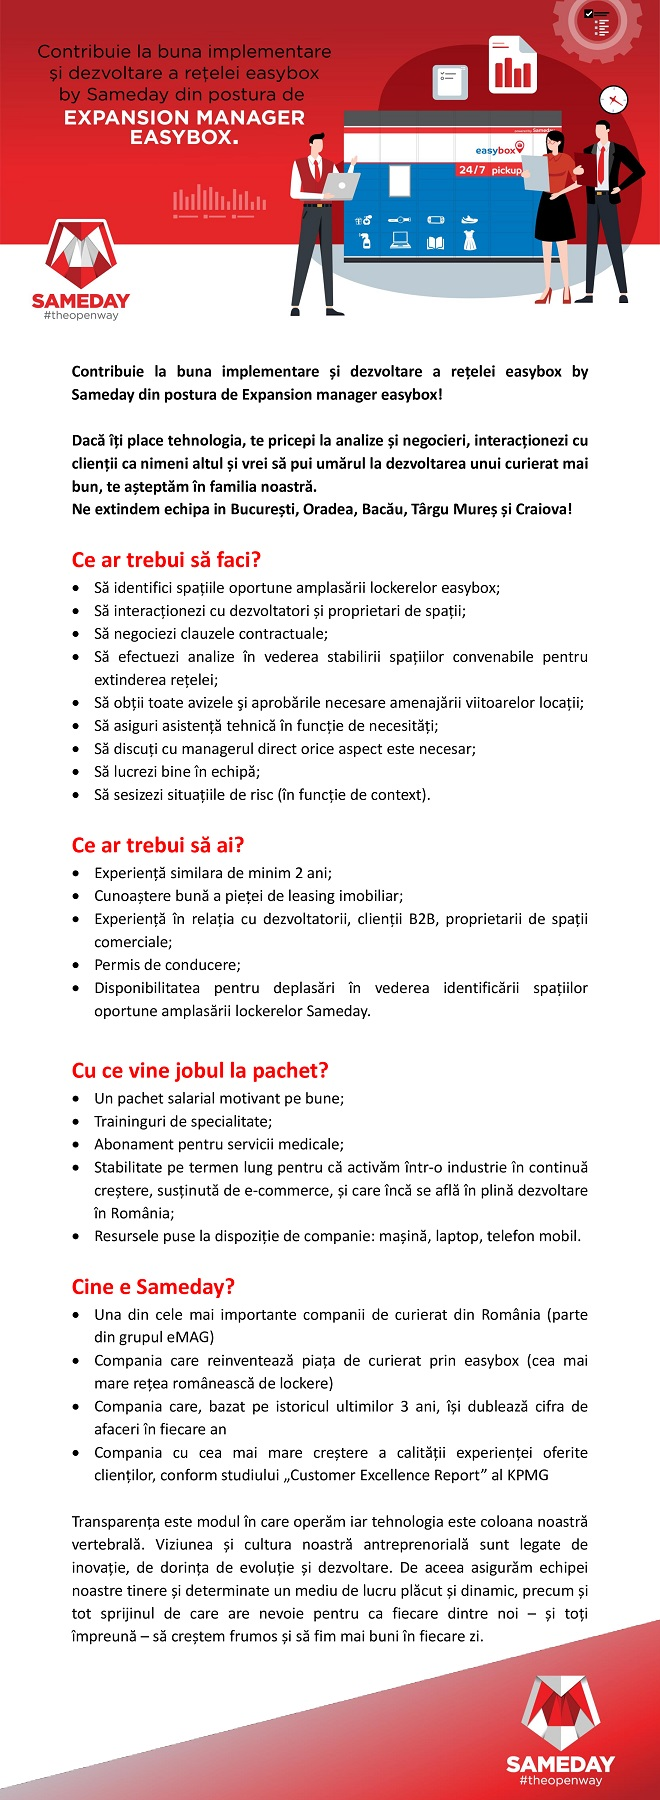 Expansion Manager Expansion Manager Cine e Sameday?Ce facem noi? Oferim servicii de curierat de calitate și construim cea mai mare rețea de lockere la nivel național. În prezent, expedierile Sameday sunt procesate în cele două Hub-uri logistice de lângă Chitila și Sibiu.Am intrat pe piața de curierat în 2007, iar acum suntem unul dintre principalii jucători din piața românească. Investind masiv în tehnologie, am devenit una dintre companiile de încredere cu cea mai accelerată creștere. Fiecare experiență prin care trecem este un prilej pentru a învăța cum să devenim mai buni și, pentru că ne dorim să creștem alături de clienții noștri, am deschis drumul transparenței în curierat.Viziunea și cultura noastră antreprenorială este legată de inovație, de dorința de evoluție și dezvoltare. De aceea asigurăm echipei noastre tinere și determinate un mediu de lucru plăcut și dinamic, precum și tot sprijinul de care are nevoie pentru ca fiecare dintre noi – și toți împreună – să creștem frumos, să fim mai buni în fiecare zi.Dacă valorile și misiunea Sameday sunt apropiate de ale tale și ai încredere că poți pune umărul la realizarea lor, te așteptam în echipa noastră. ________________________________________________________________________________Who is Sameday?What do we do? We offer quality delivery services and we build the greatest national locker network. Currently, Sameday shipments are processed in our two logistic Hubs near Chitila and Sibiu.We entered the deliveries field in 2007, and now we are one of the main players on the Romanian market. By massively investing in technology, we have become one of the most trusted companies with the highest accelerated growth. Each experience we go through is a chance for us to learn how to improve ourselves and, as we wish to grow alongside our clients, we've opened the road of transparency in deliveries.Our entrepreneurial view and culture are strongly tied to innovation, to the desire to evolve and develop. That is why we prov